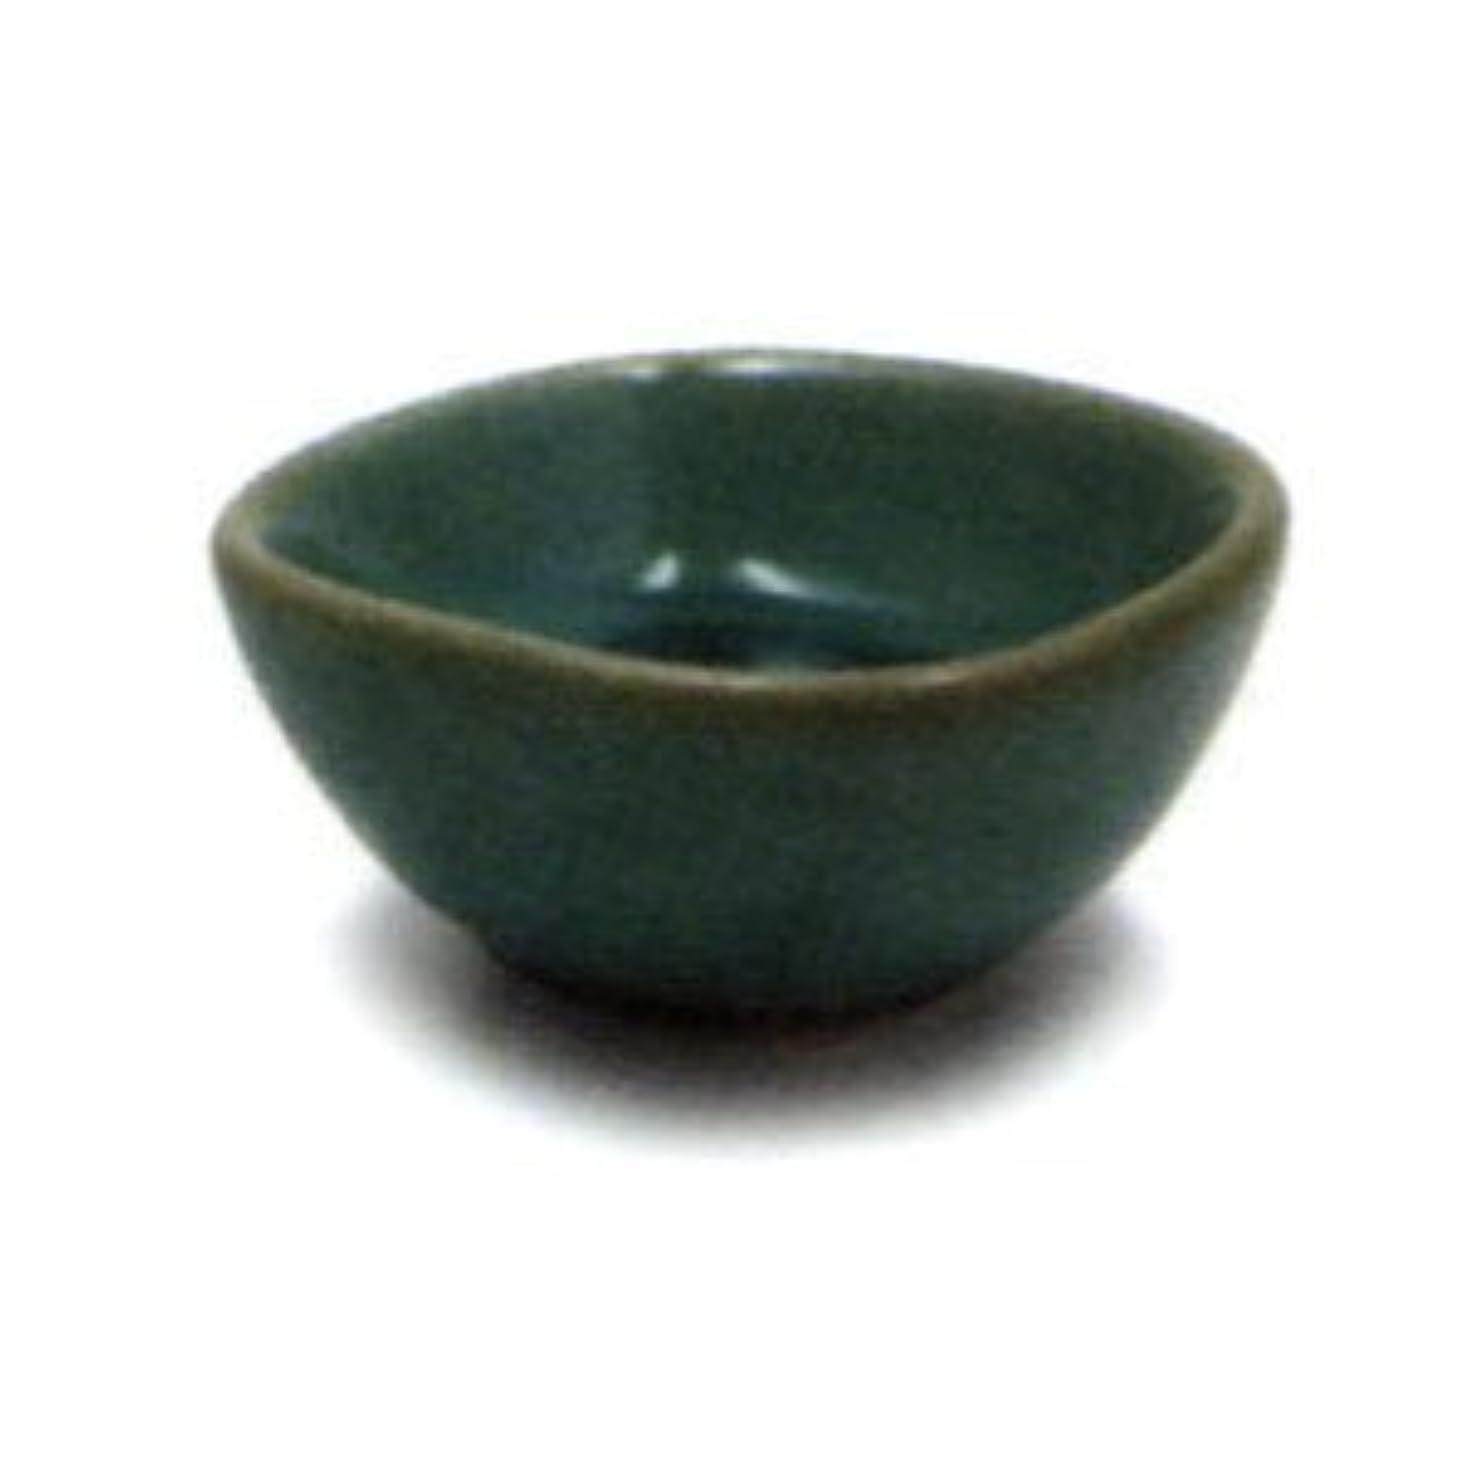 後継恒久的溢れんばかりの響き香台 鉢 グリーン